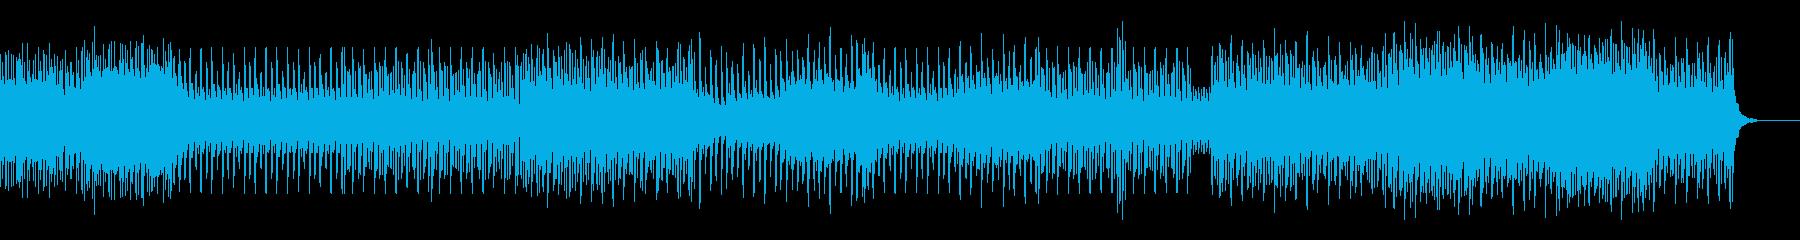 しっとりテクノポップの再生済みの波形